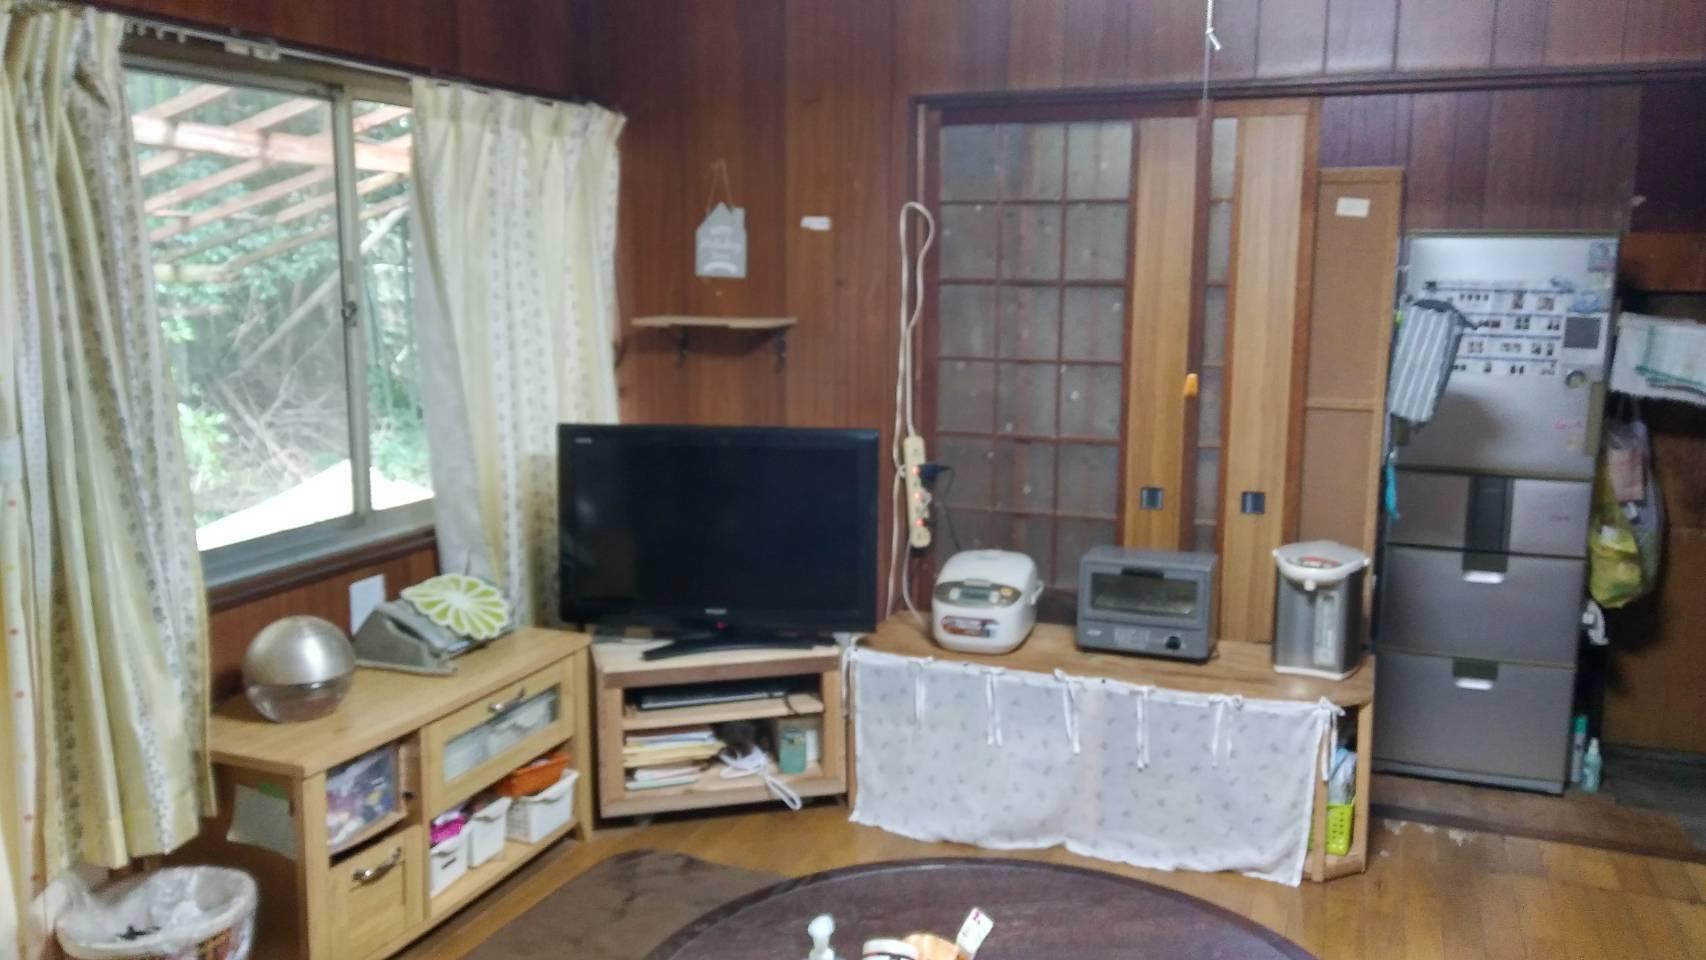 IMG 0608 - 【木津川市加茂町】中古戸建。敷地面積600坪以上。